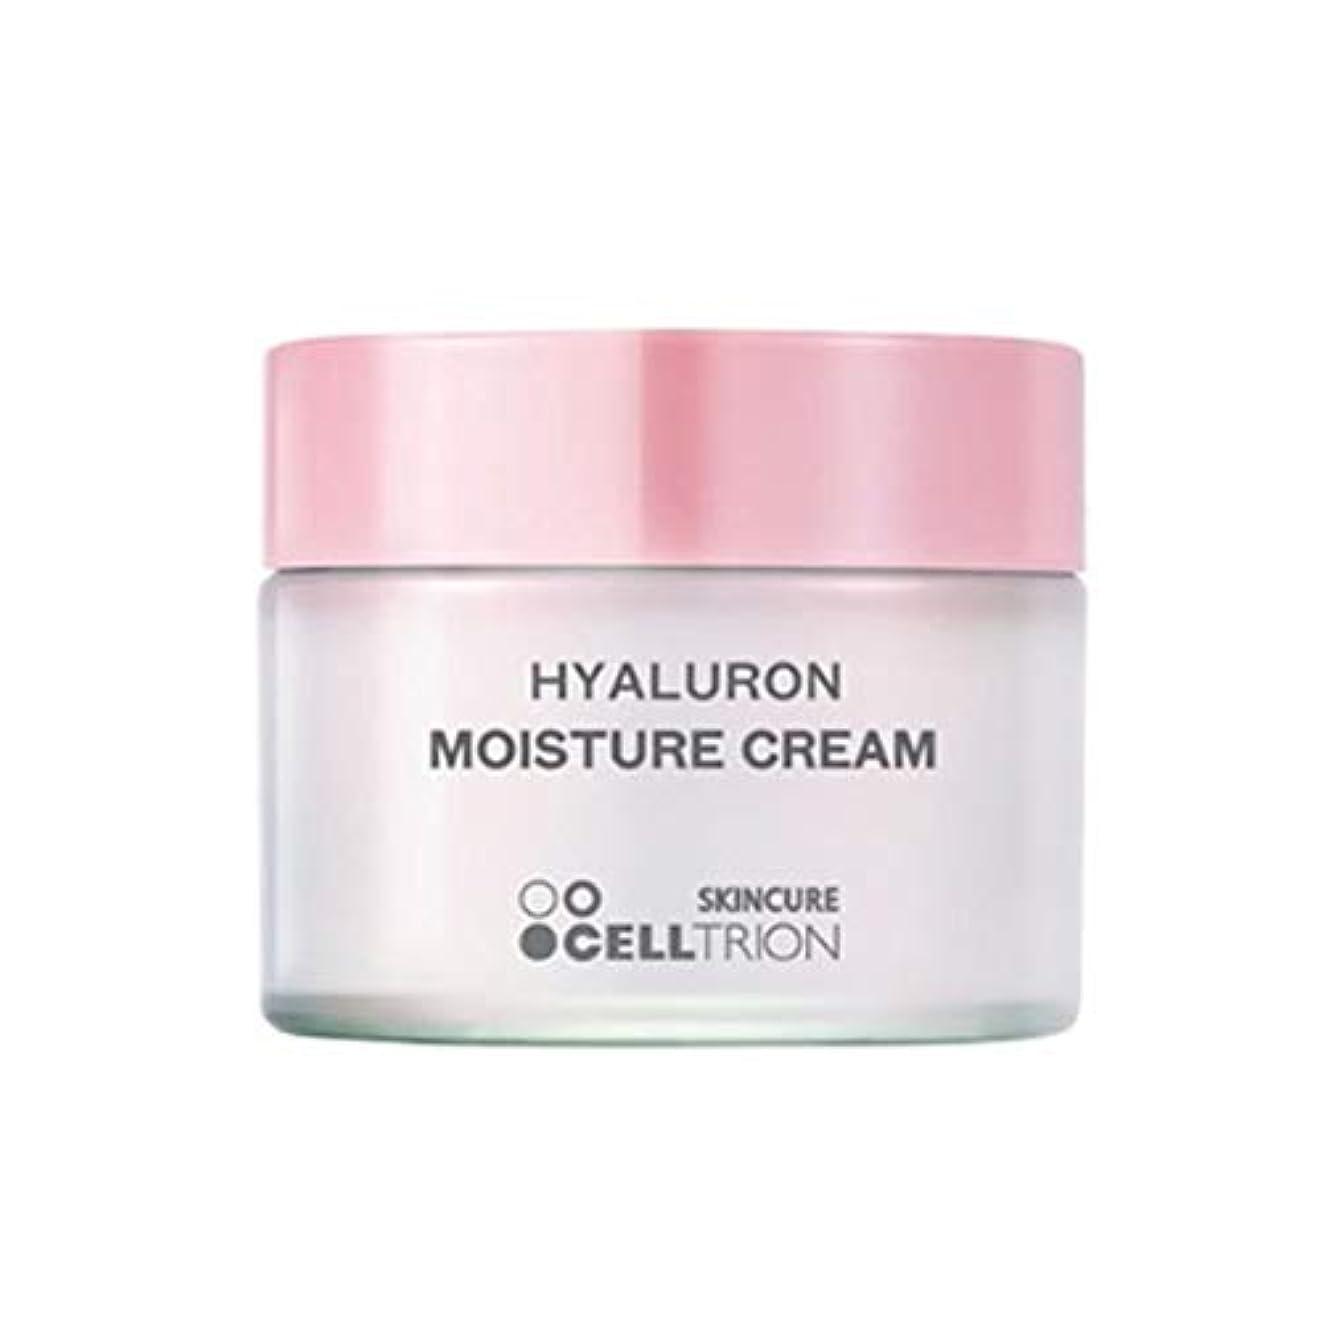 囚人緩む樹木セルトリオンスキンキュアヒアルロンモイスチャークリーム50gしわ改善、Celltrion Skincure Hyaluron Moisture Cream 50g Anti-Wrinkle [並行輸入品]